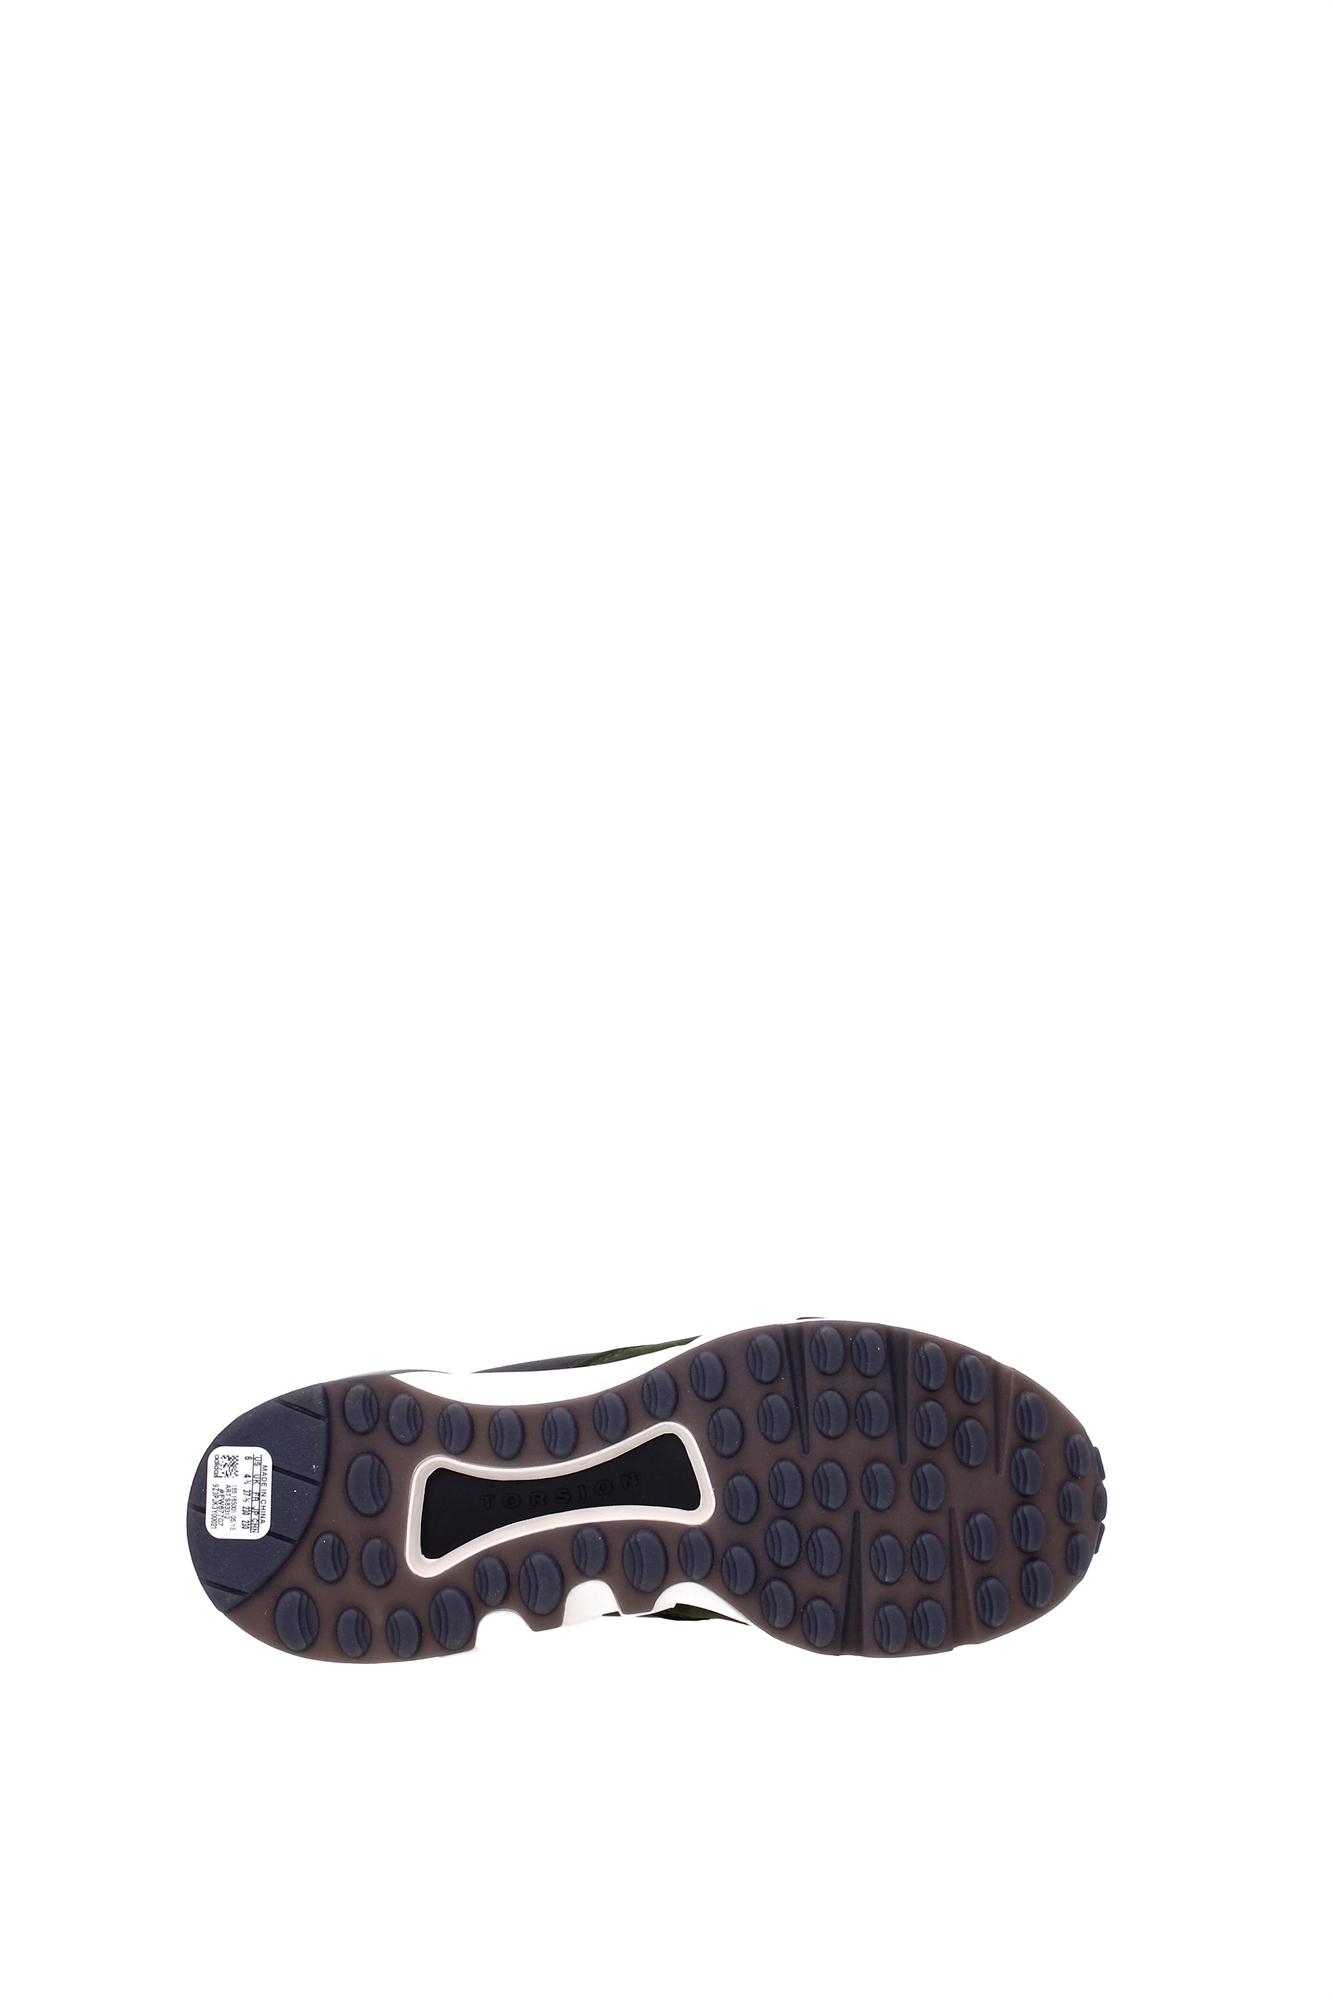 sneakers yamamoto y3 damen leder multicolor wedges83312ngtcarblackcwhite. Black Bedroom Furniture Sets. Home Design Ideas